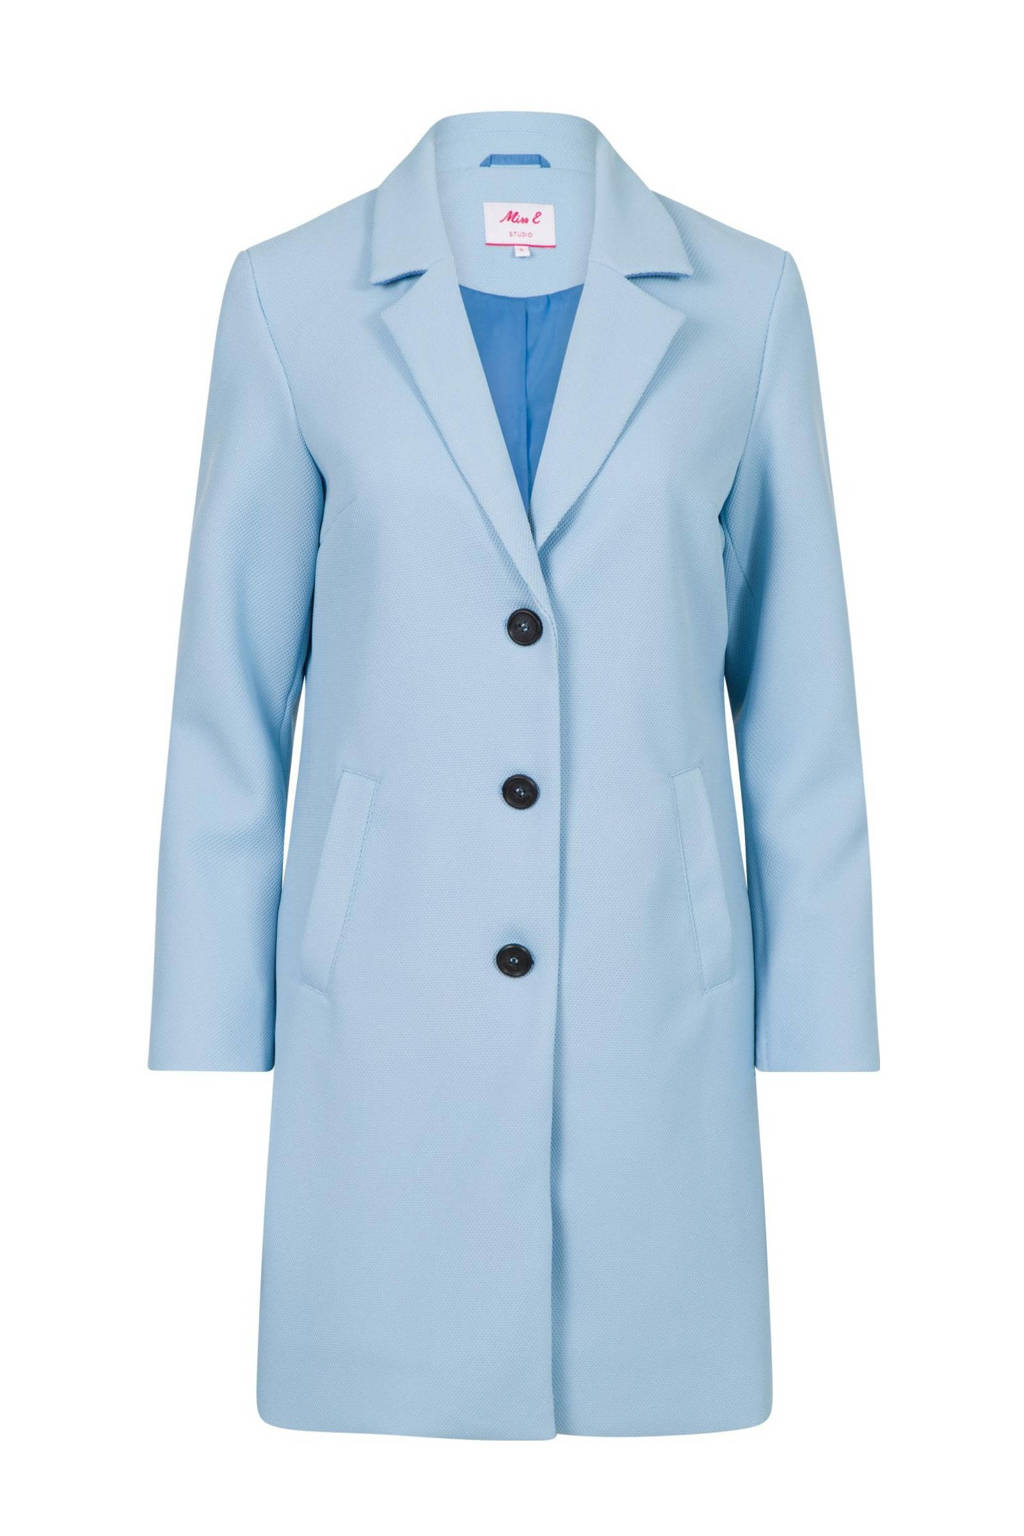 Miss Etam Regulier coat blauw, Blauw